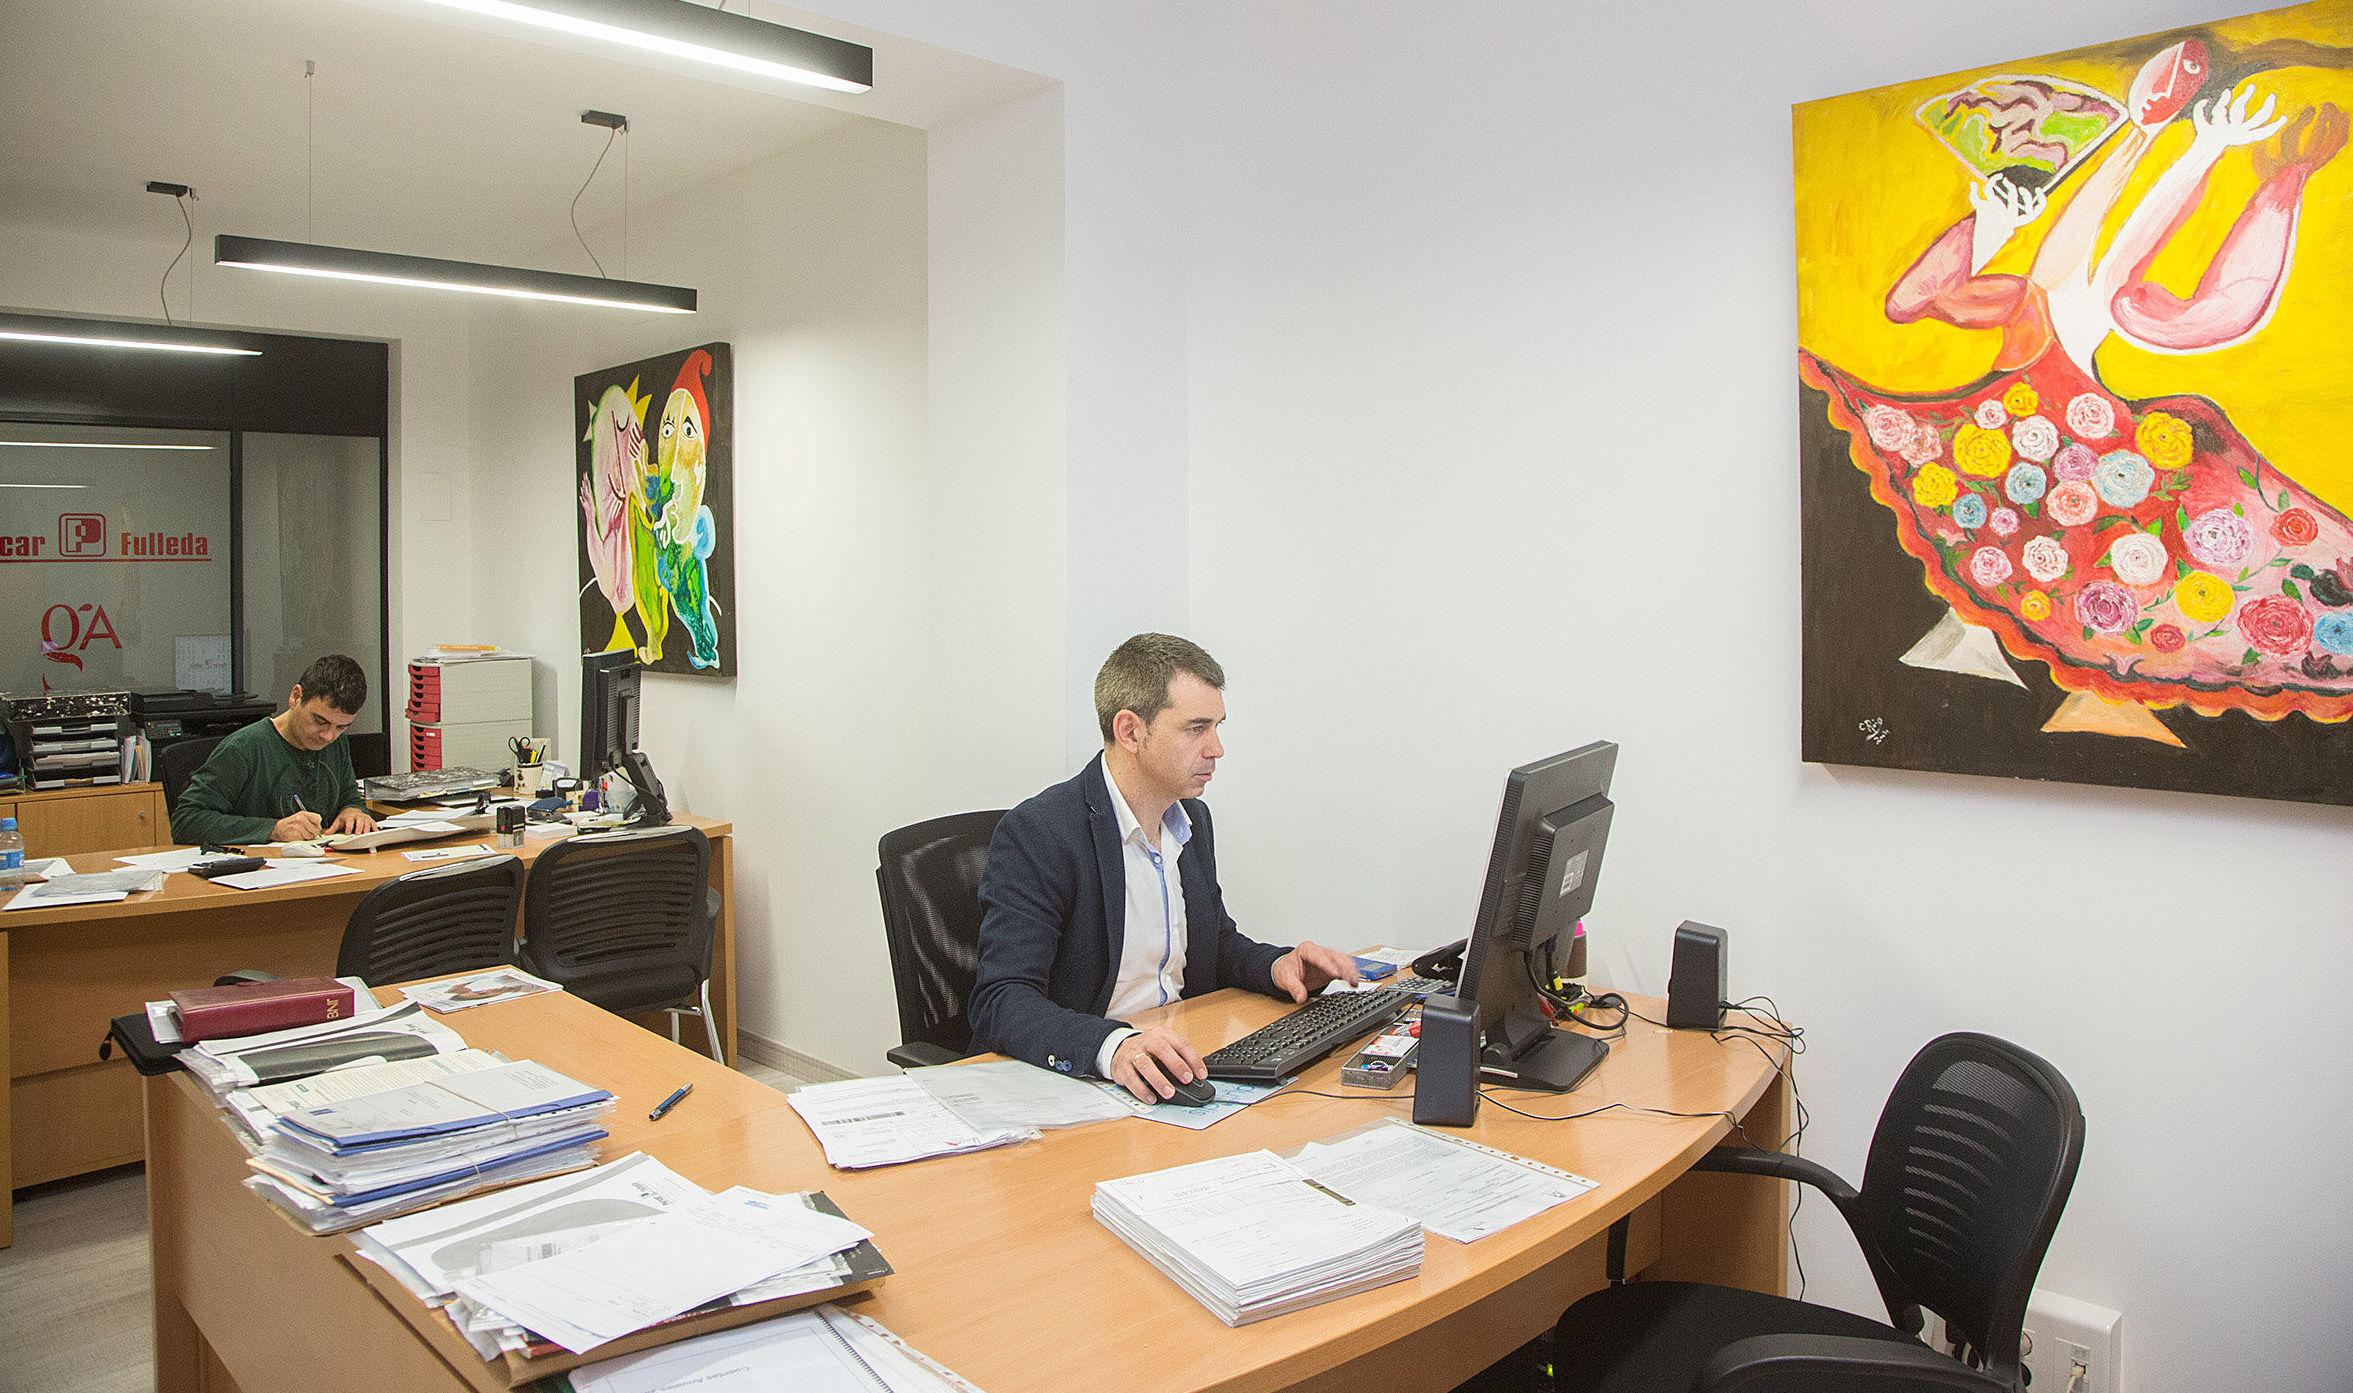 Foto 20 de Gestorías administrativas en Castellón / Castelló de La Plana | Gestors Associats Porcar Fulleda